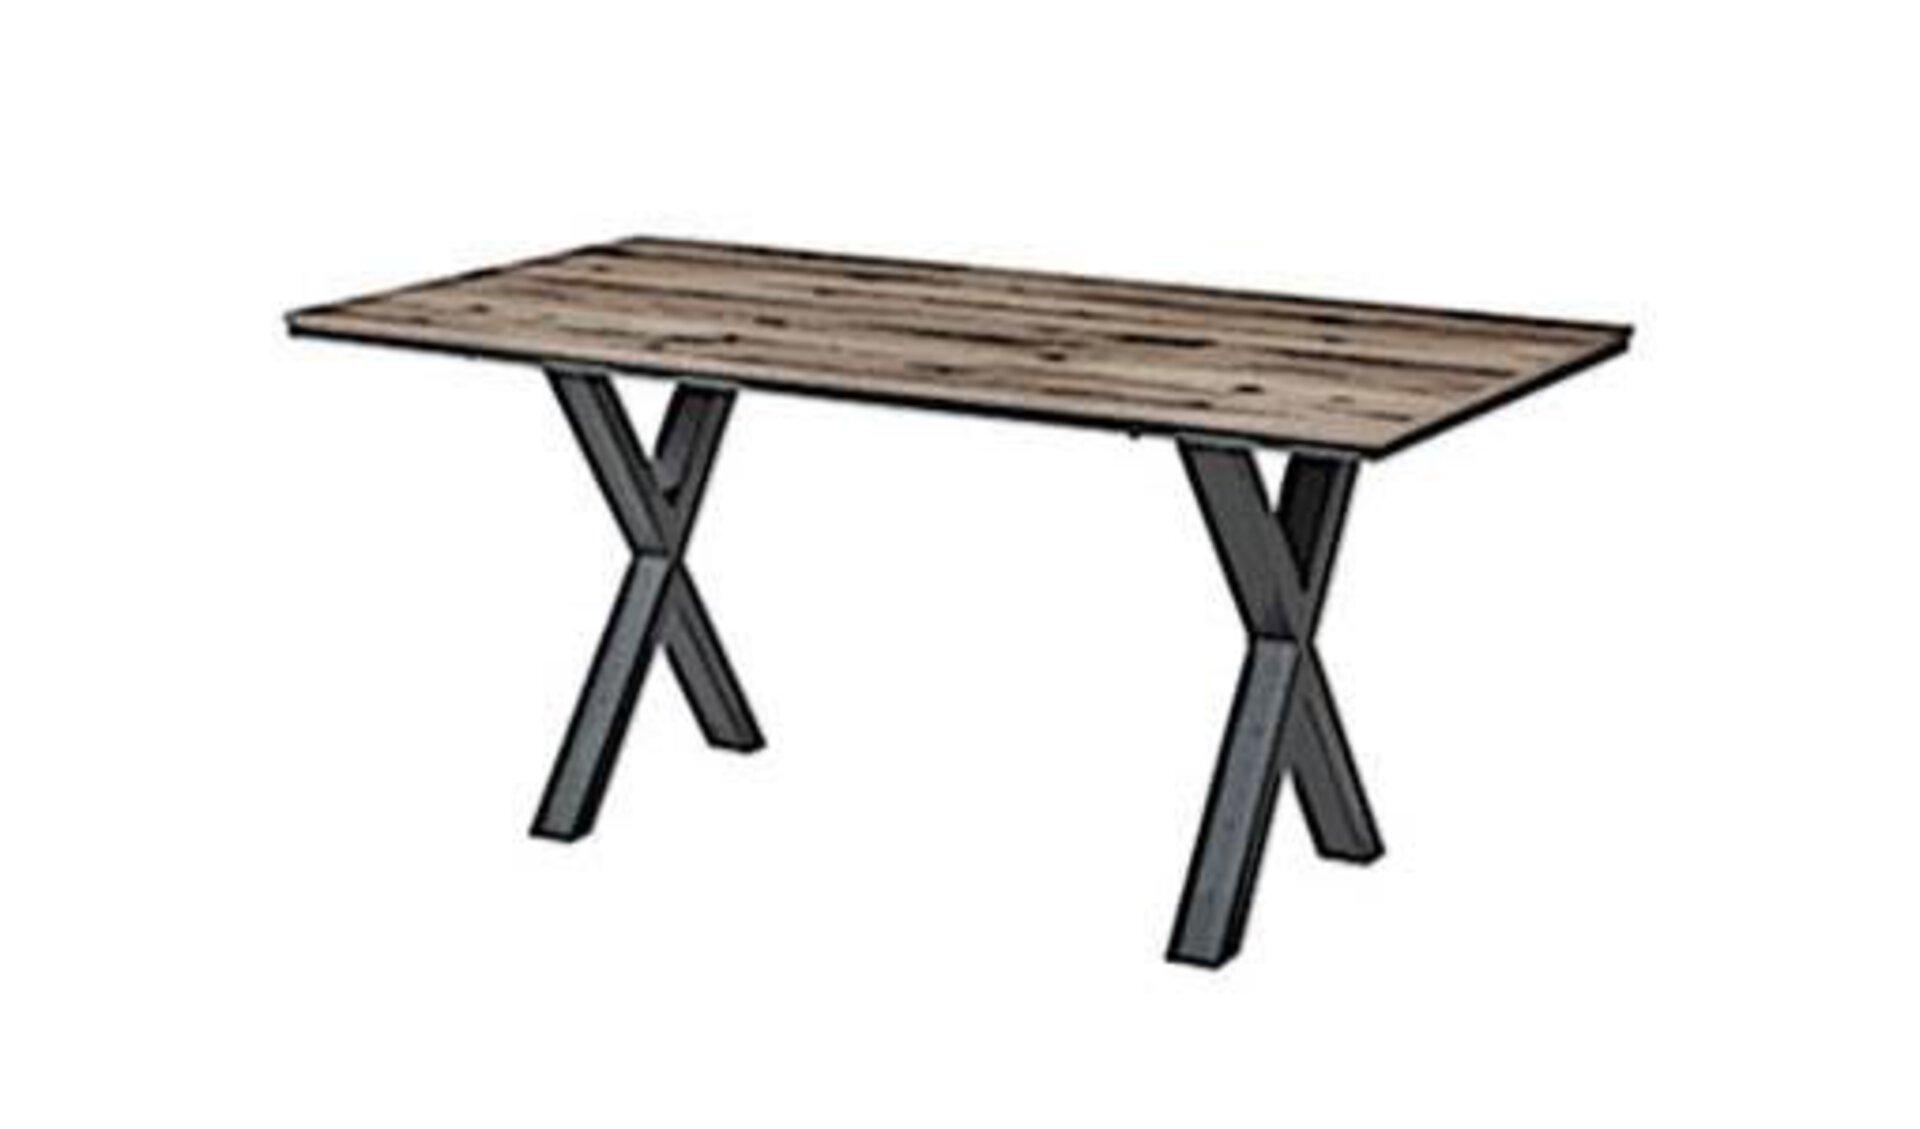 """Esstisch mit Tischplatte aus edlem Holz und gekreuzten Metalltischbeinen, die links und rechts jeweils ein """"X"""" bilden. Der stilisierte Esstisch steht für alle Tische innerhalb der Kategorie """"Esszimmer""""."""